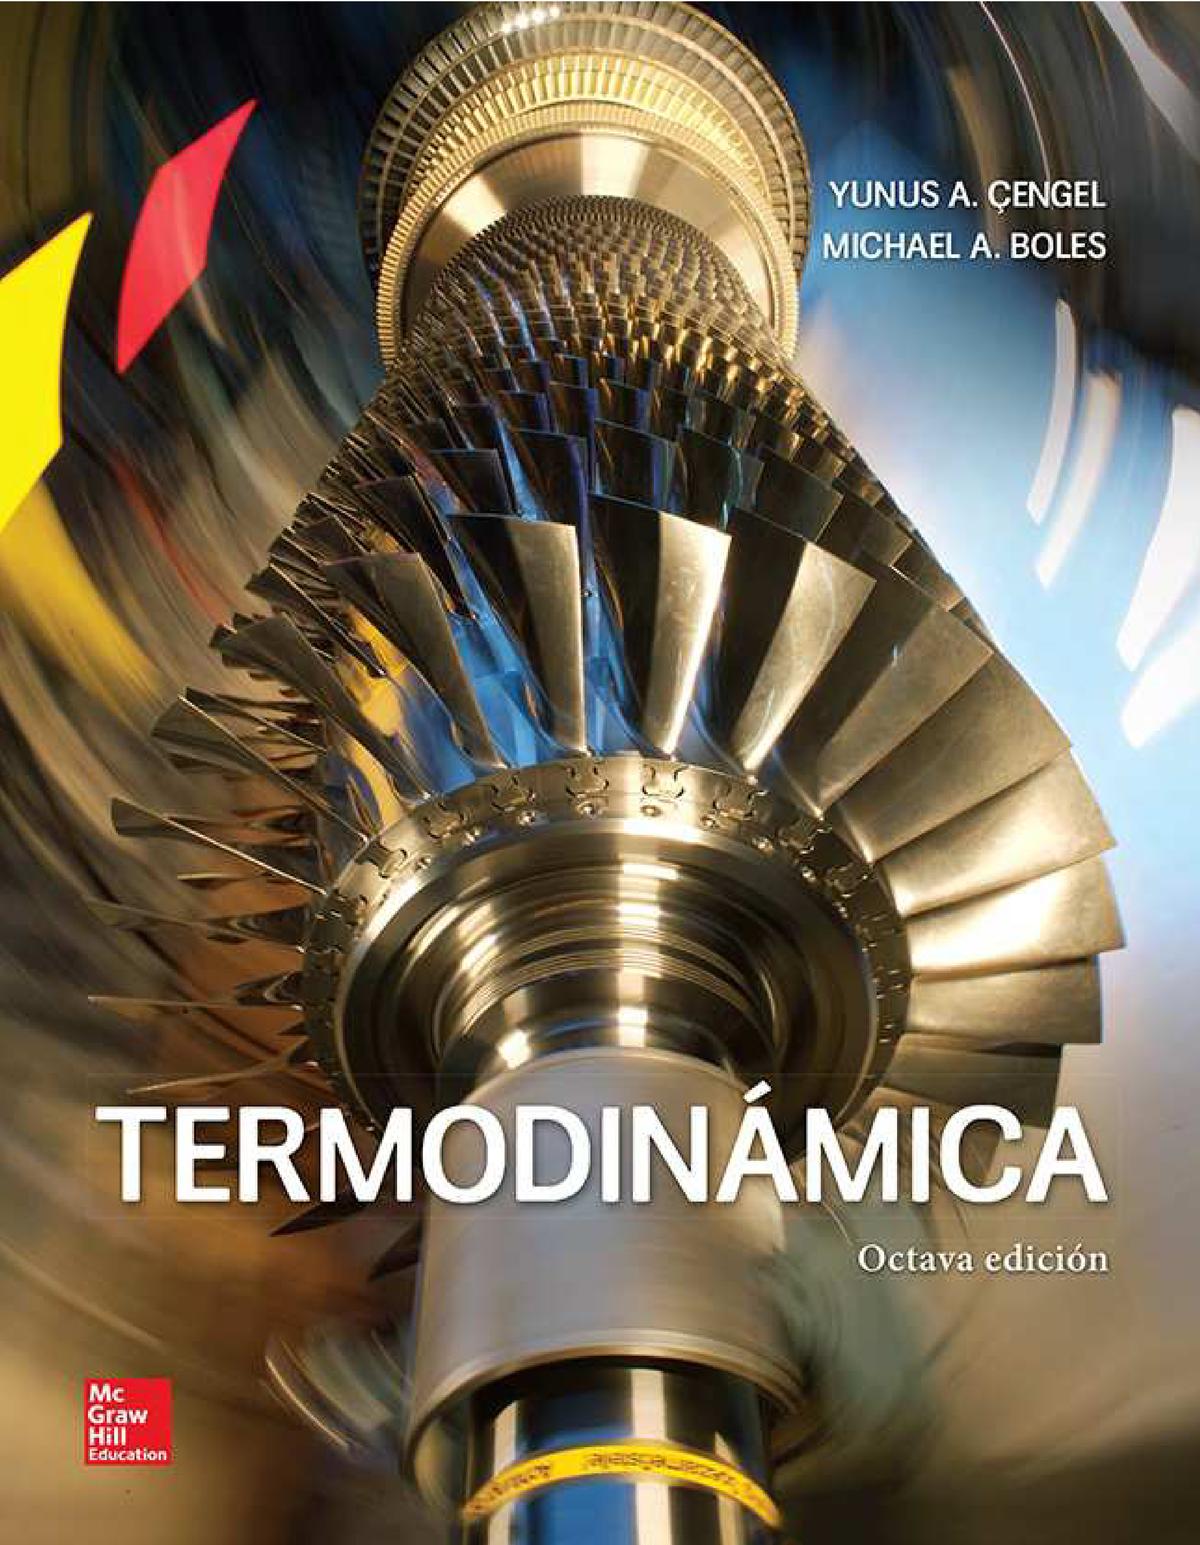 TERMODINAMICA CENGEL 6TA EDICION GRATIS DESCARGAR